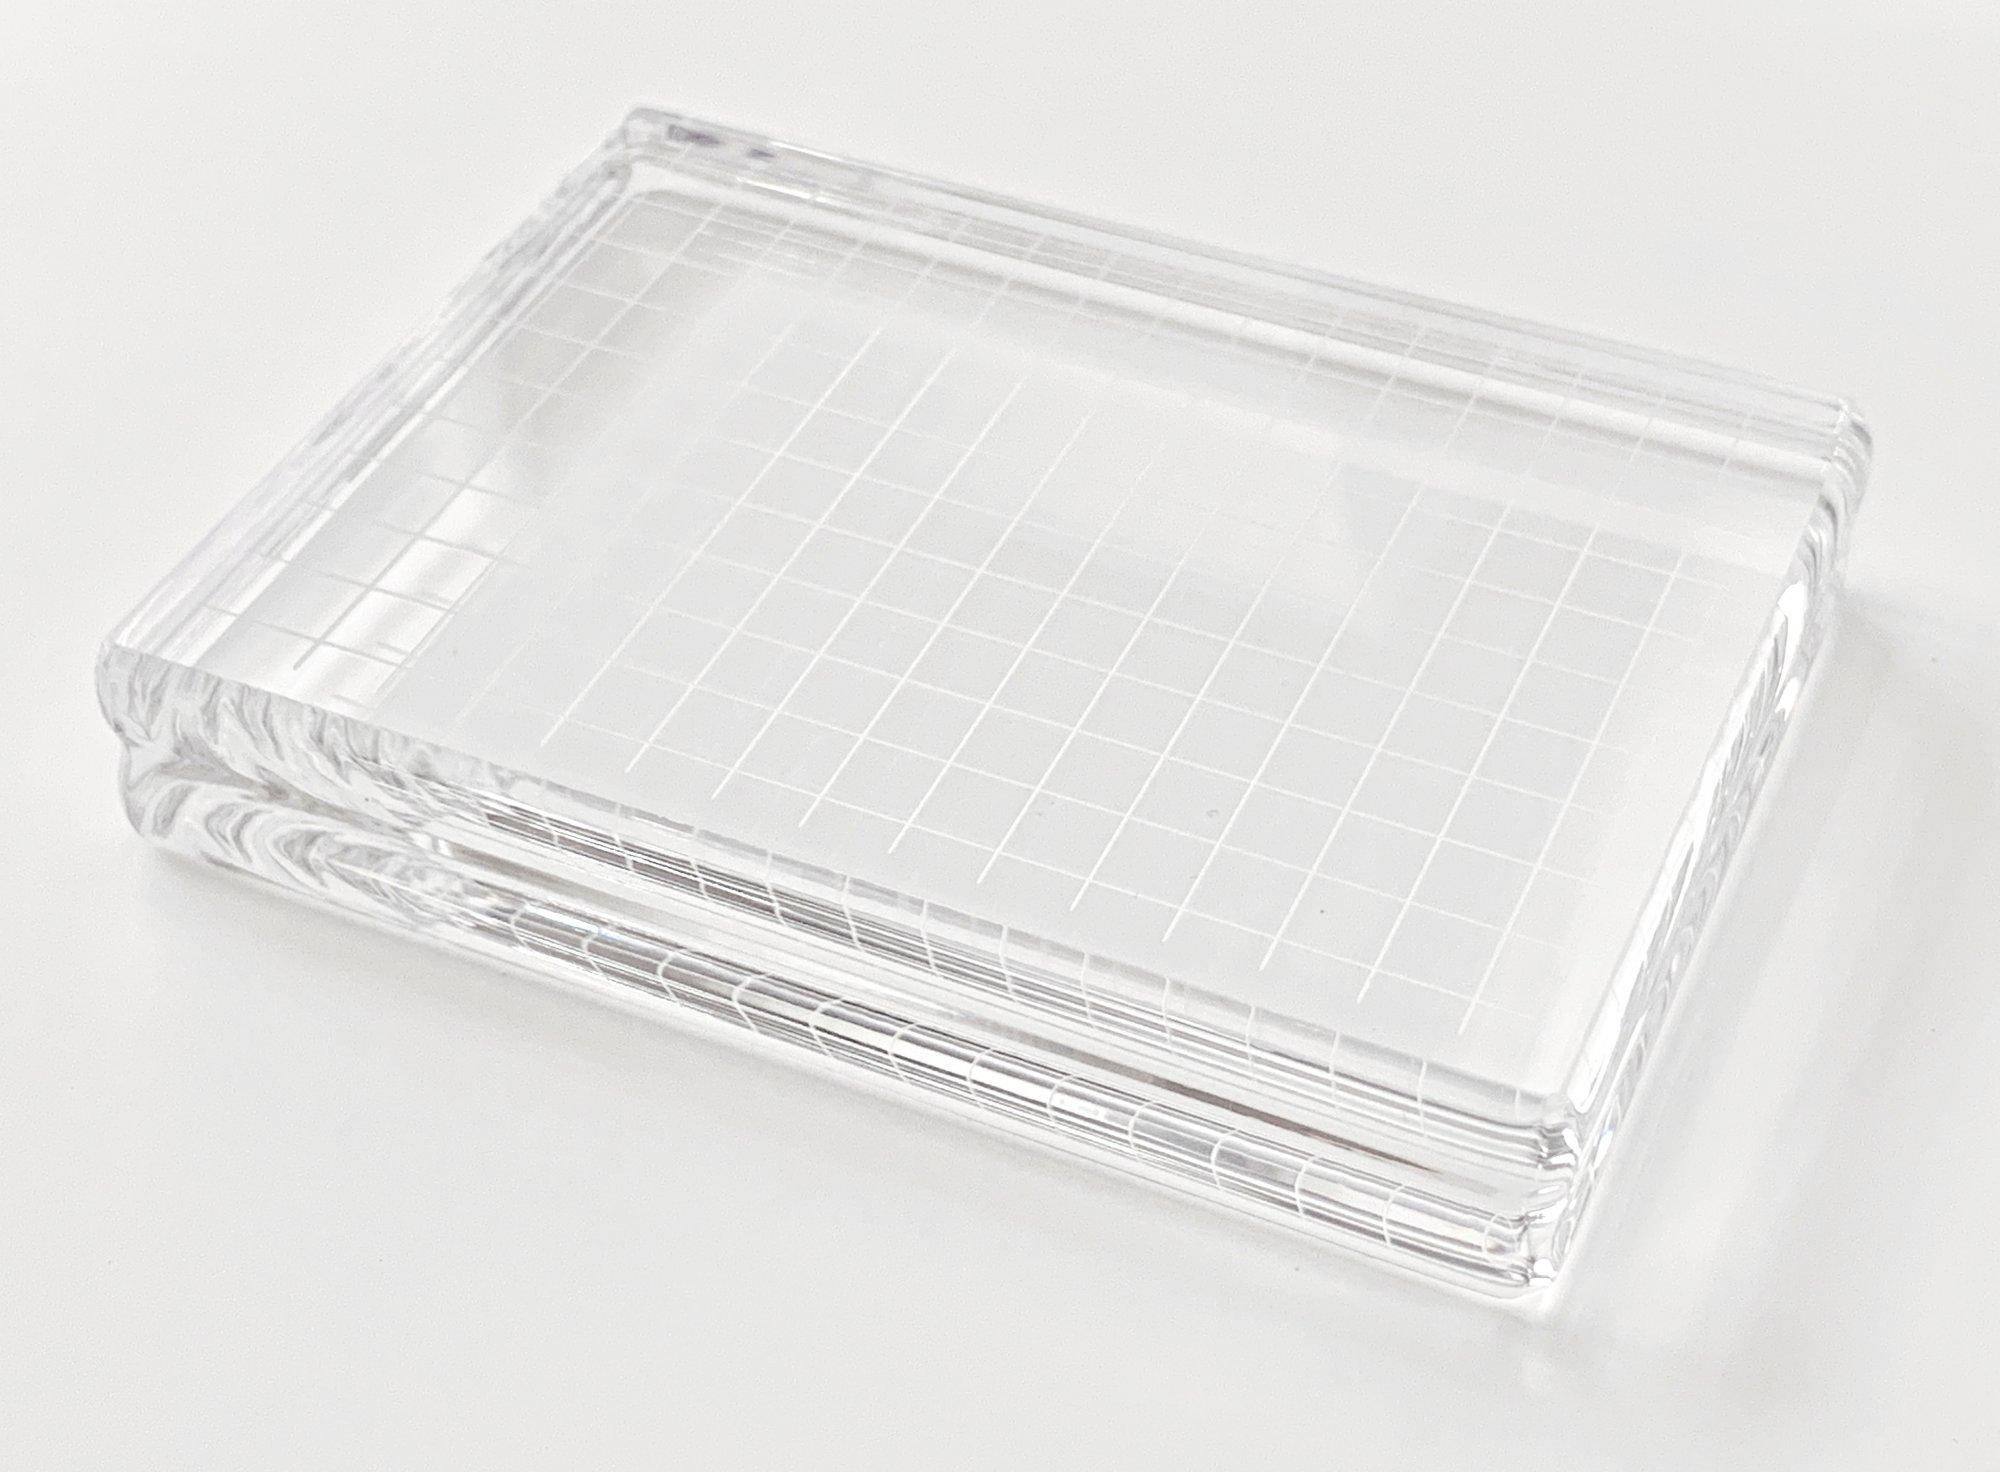 Gina K Comfort Block - Large Rectangle, 3 x 4